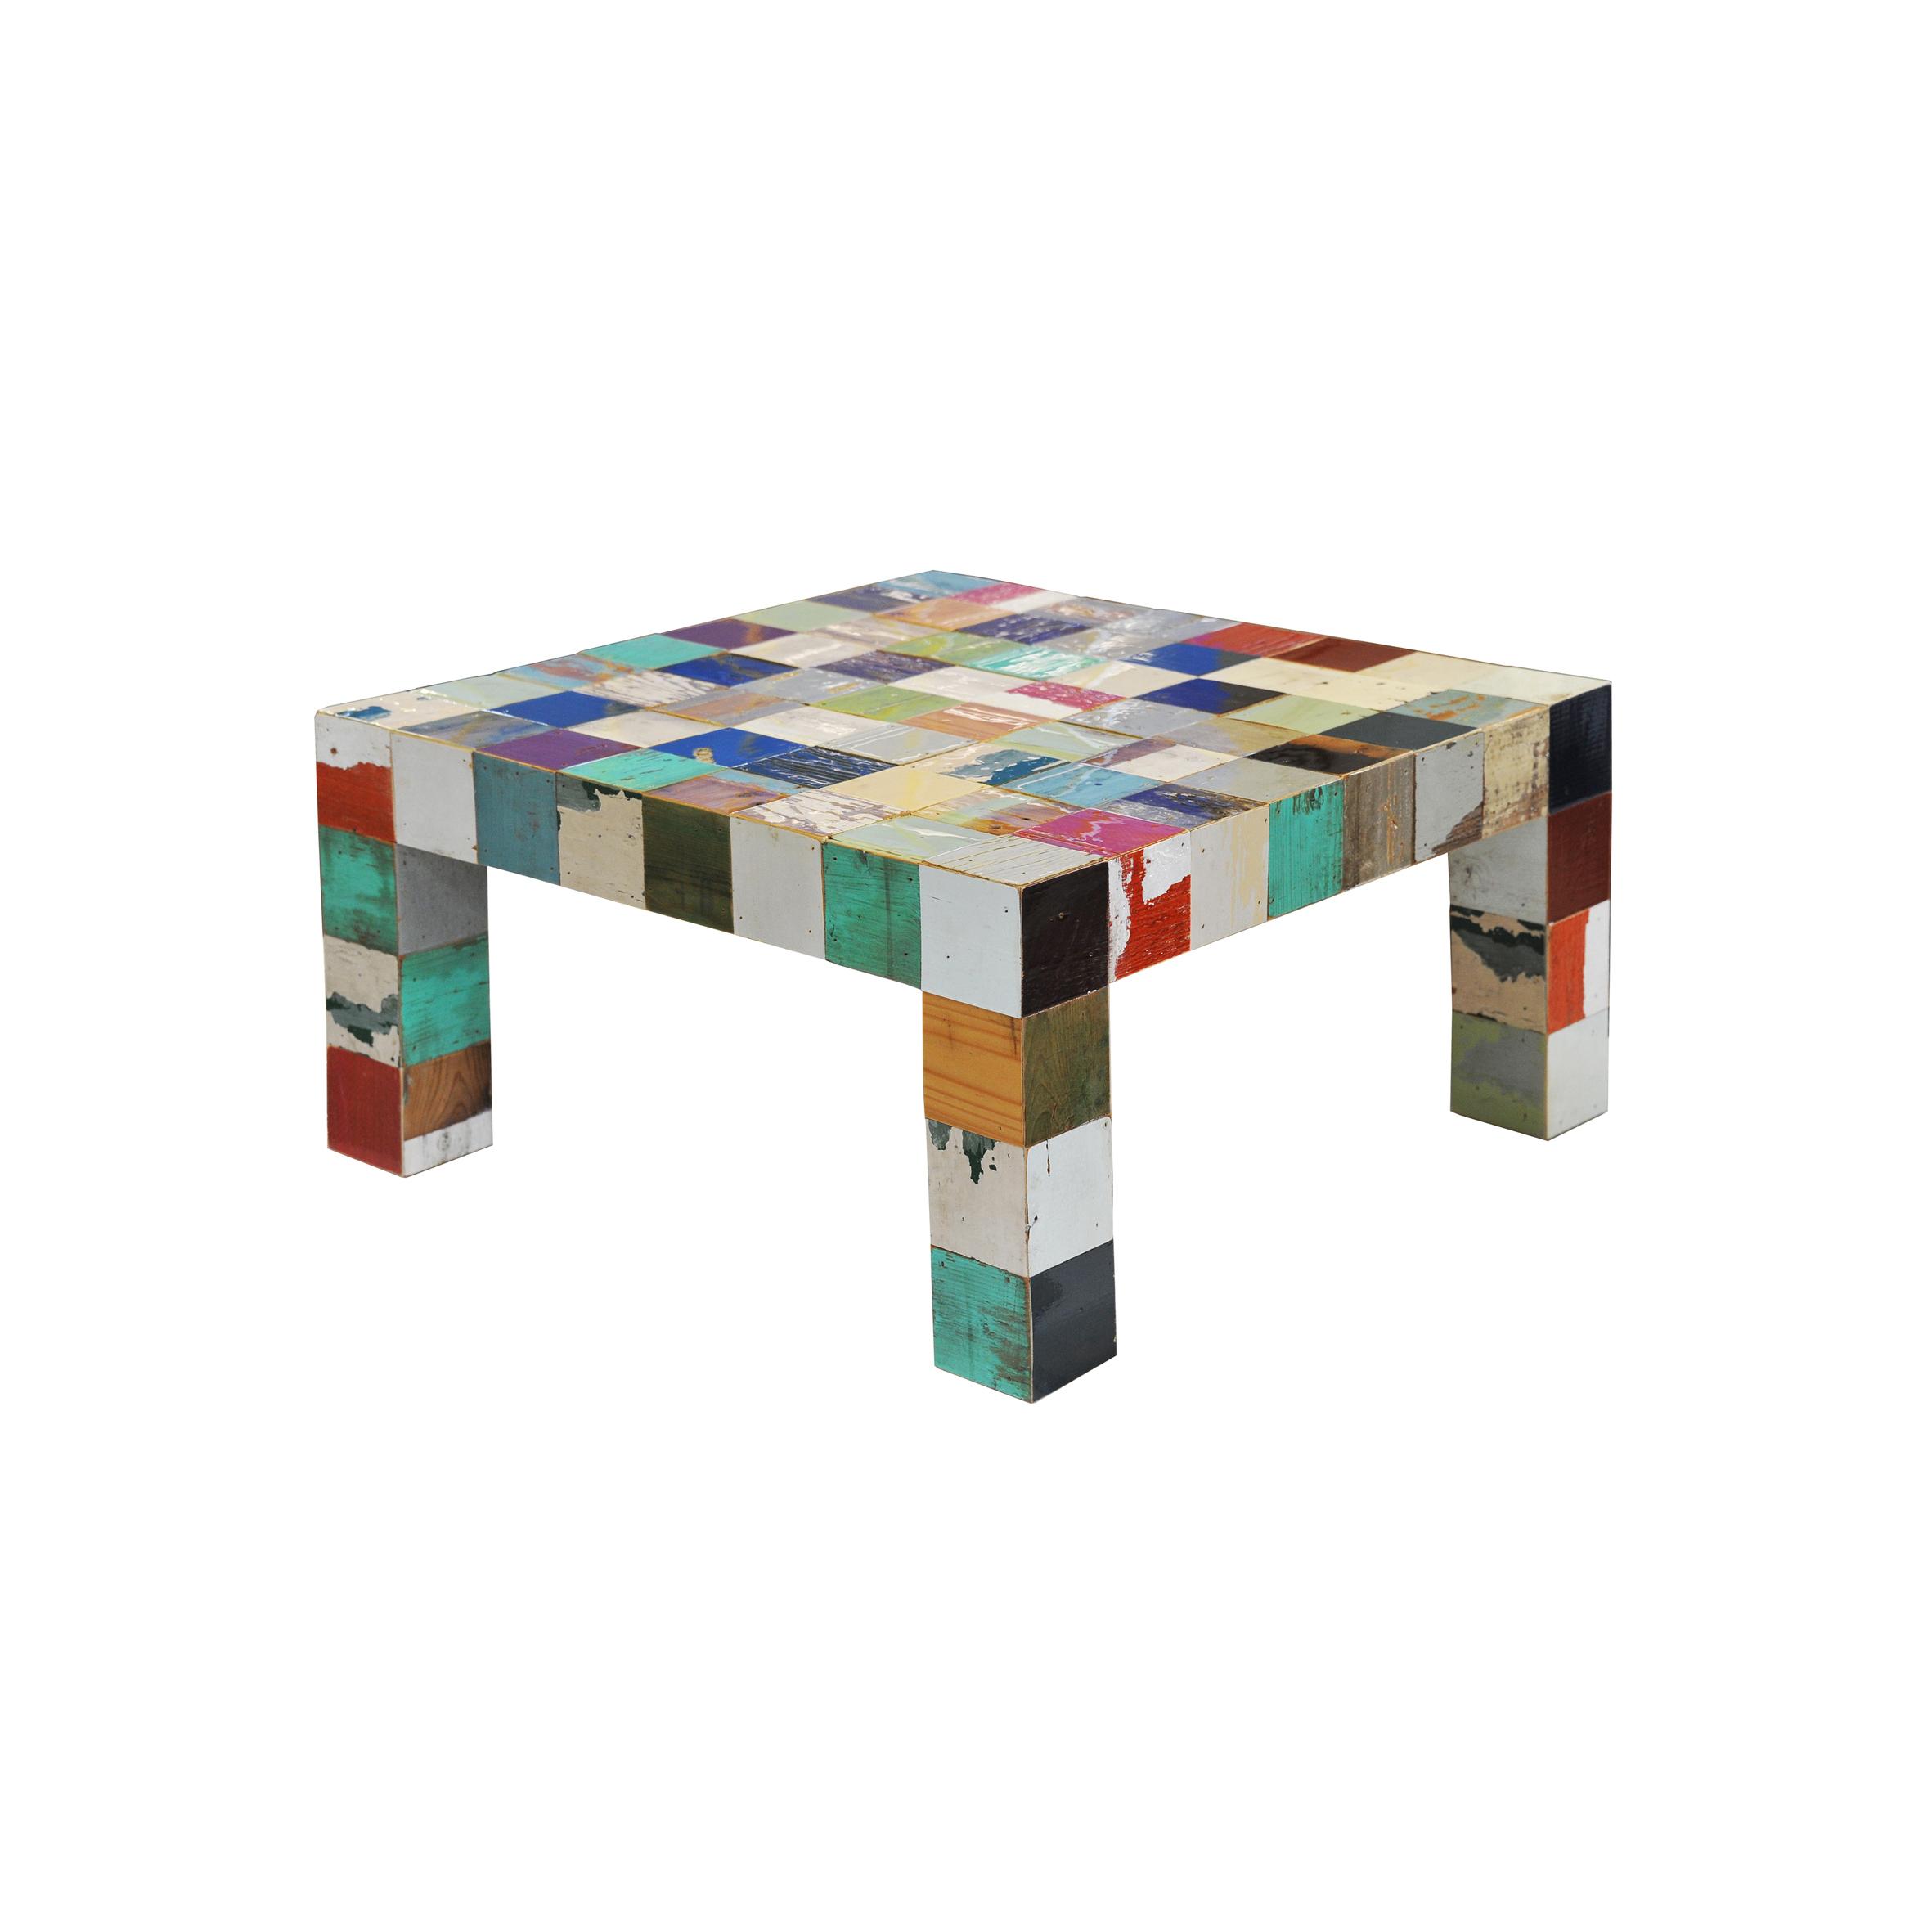 afval-afval-80×80-salontafel-nr-1-2